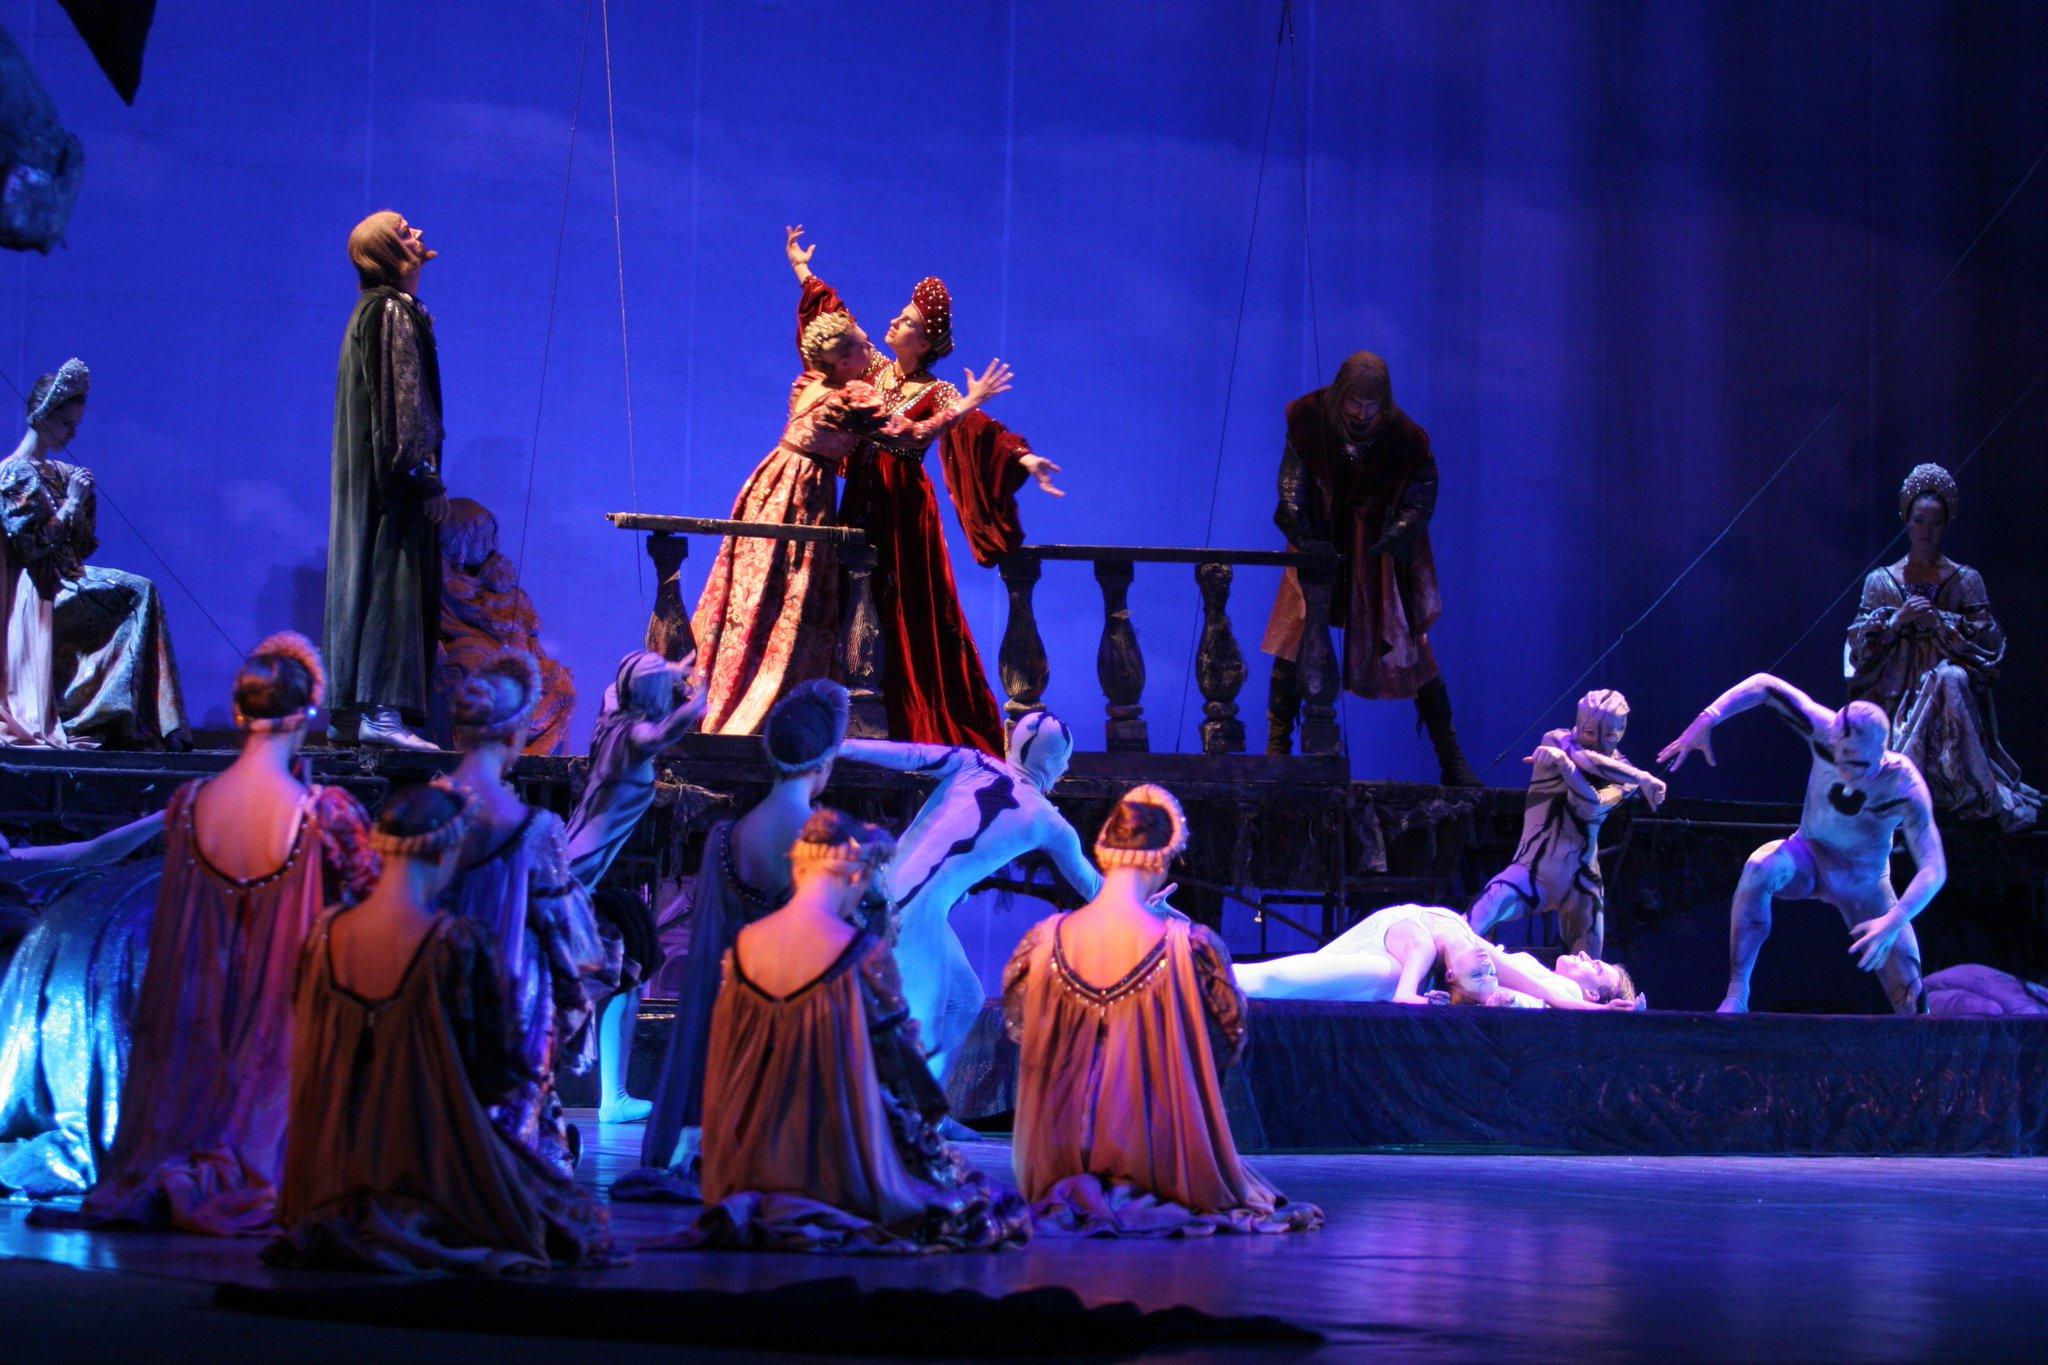 картинки балет ромео и джульетта является одной